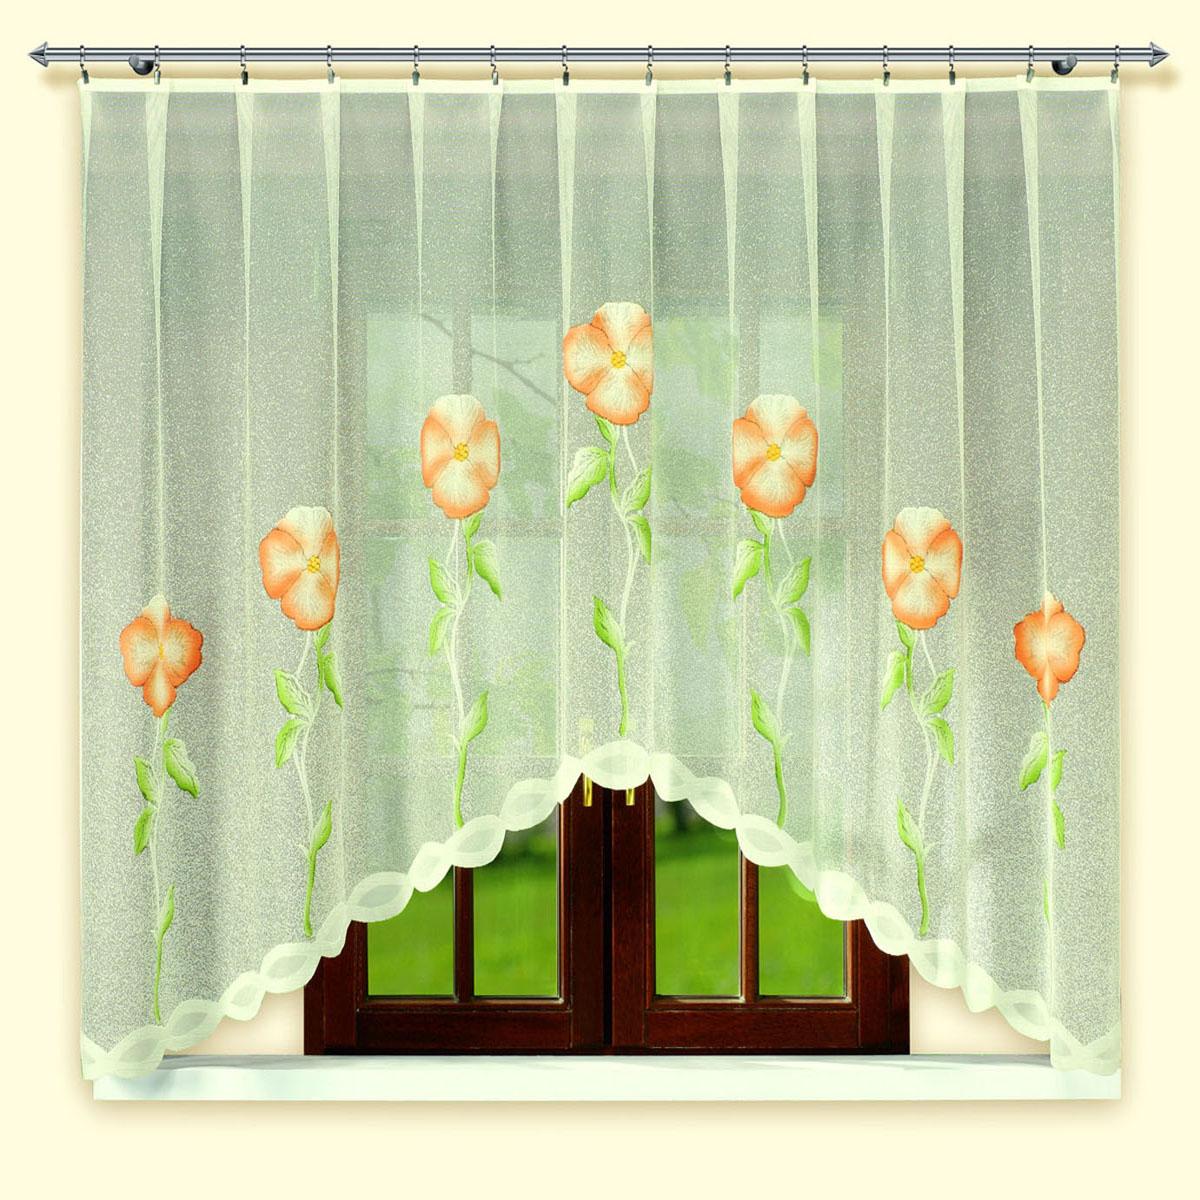 Гардина Haft, цвет: белый, ширина 300 см, высота 160 см. 46010/16046010/160Жаккардовая гардина-арка кремового цвета с цветным рисунком. Высота 160 смРазмеры: высота 160см*ширина 300см